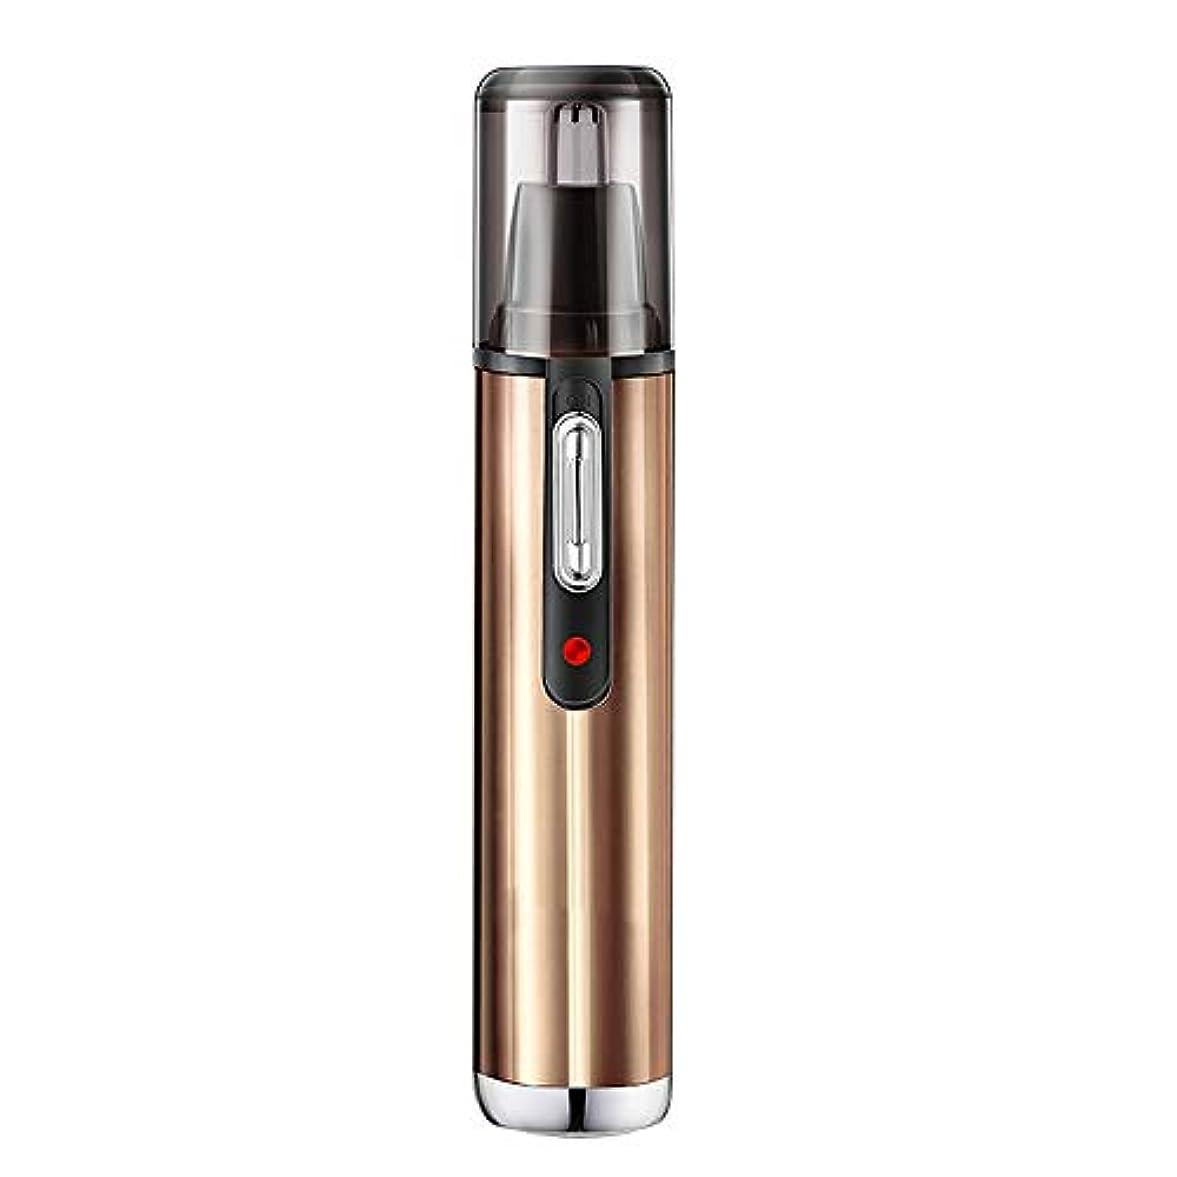 ペン腕脱走ノーズヘアトリマー/LED充電インジケータライト/内蔵360°回転カッターヘッド/ヘッドクリーニング可能/サイレントデザイン/プッシュアウト電子スイッチ/幅広いアプリケーション 作り方がすぐれている